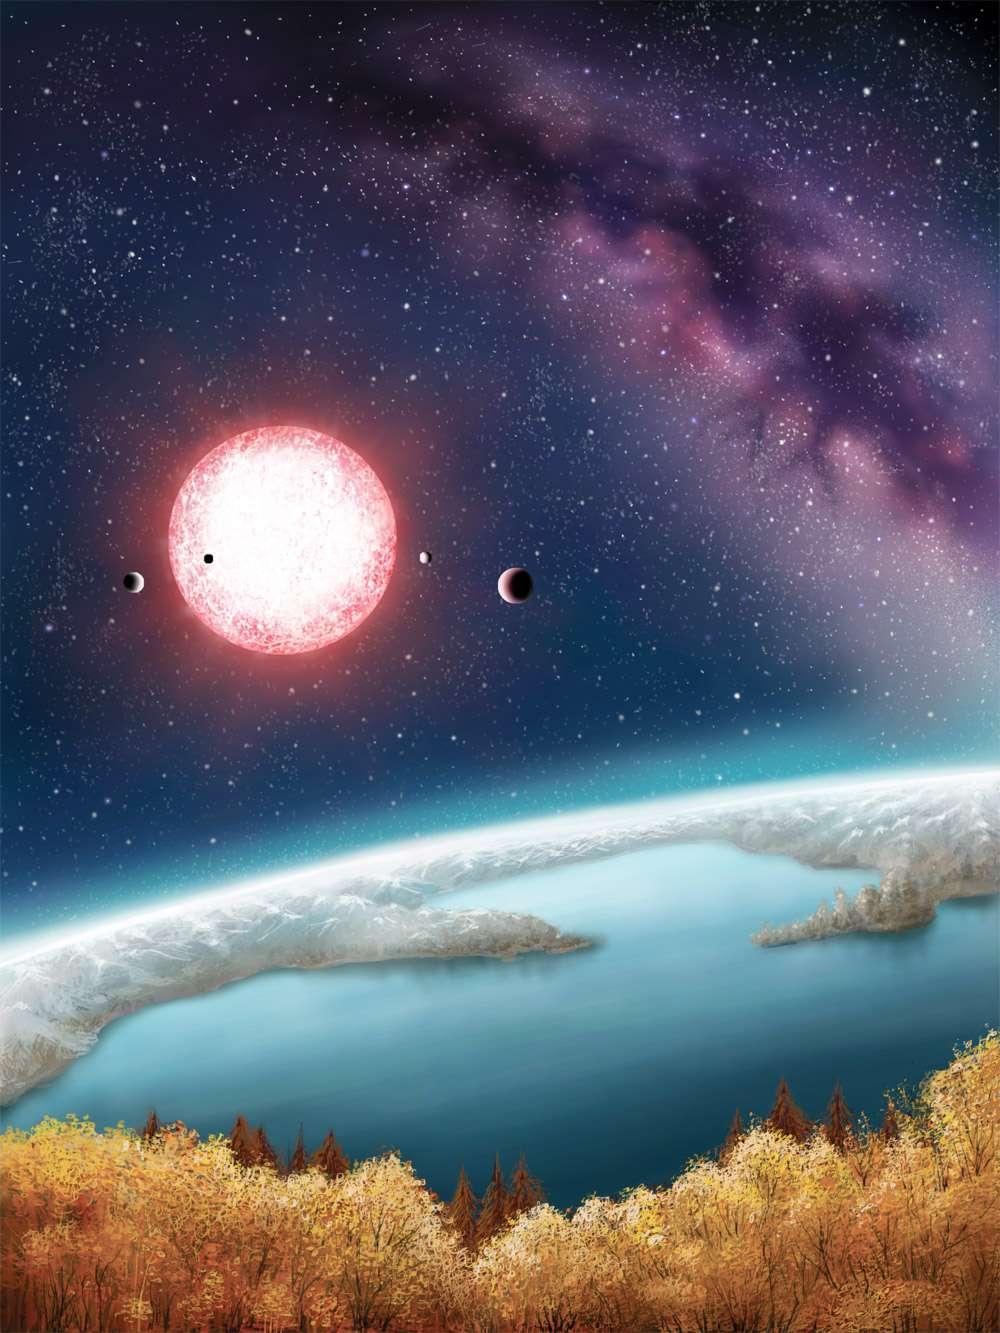 Depuis 2009, le télescope spatial Kepler, de la Nasa, installé sur une orbite autour du Soleil, observe la même région du ciel, couvrant les constellations du Cygne et de la Lyre. L'étoile Kepler-186 est située à 500 années-lumière, ce qui interdit d'imager ses planètes. C'est la méthode des transits, qui repose sur la légère occultation de l'étoile quand une planète passe devant, qui a permis de la détecter. © Danielle Futselaar